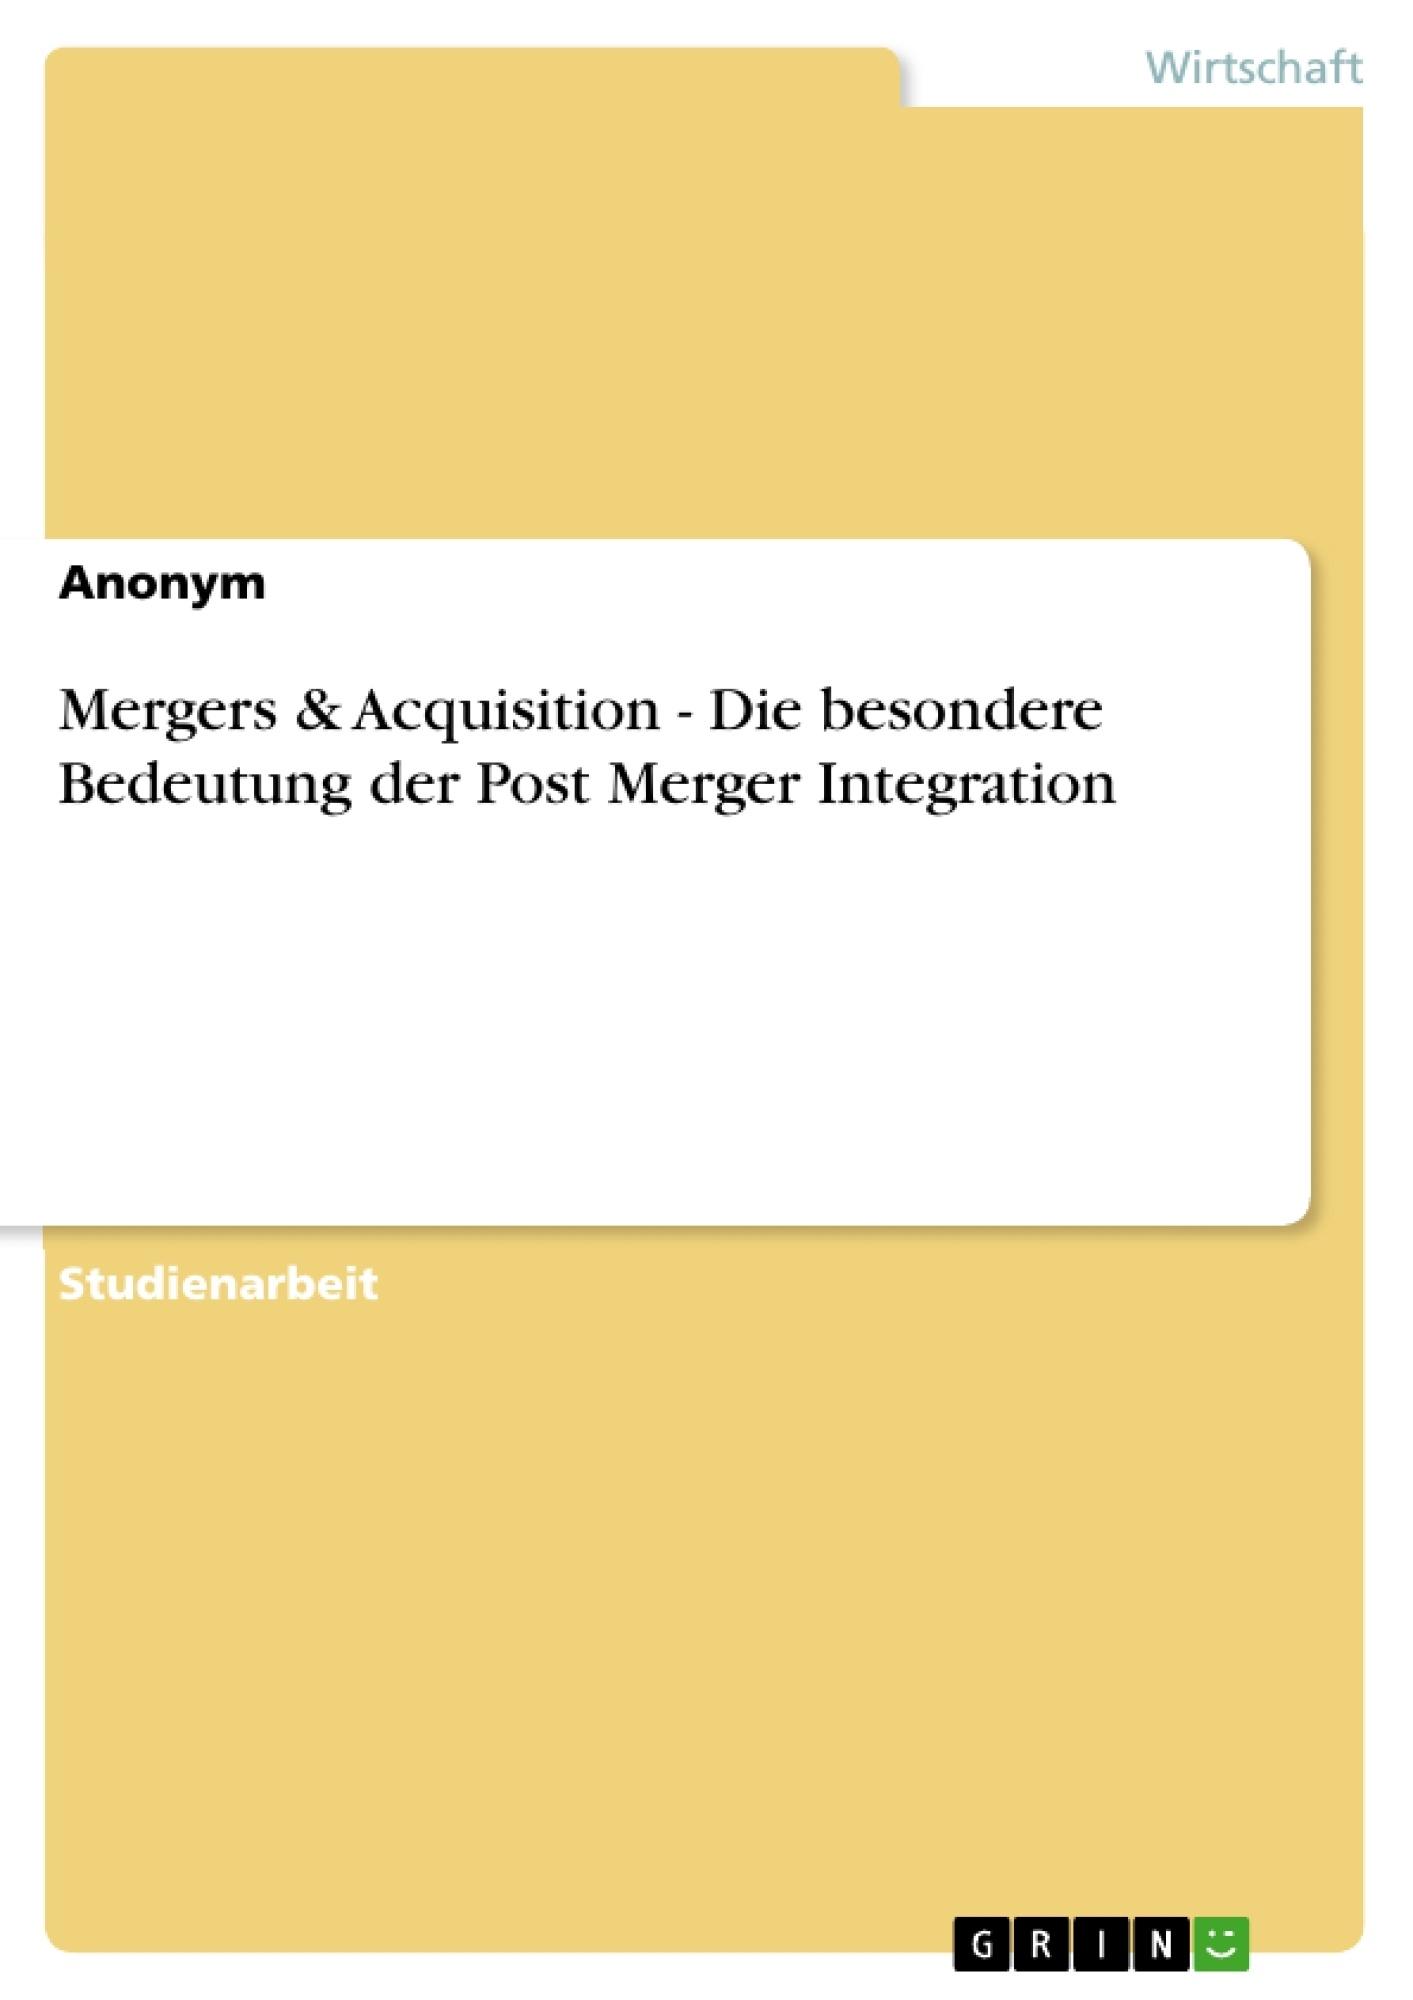 Titel: Mergers & Acquisition - Die besondere Bedeutung der Post Merger Integration